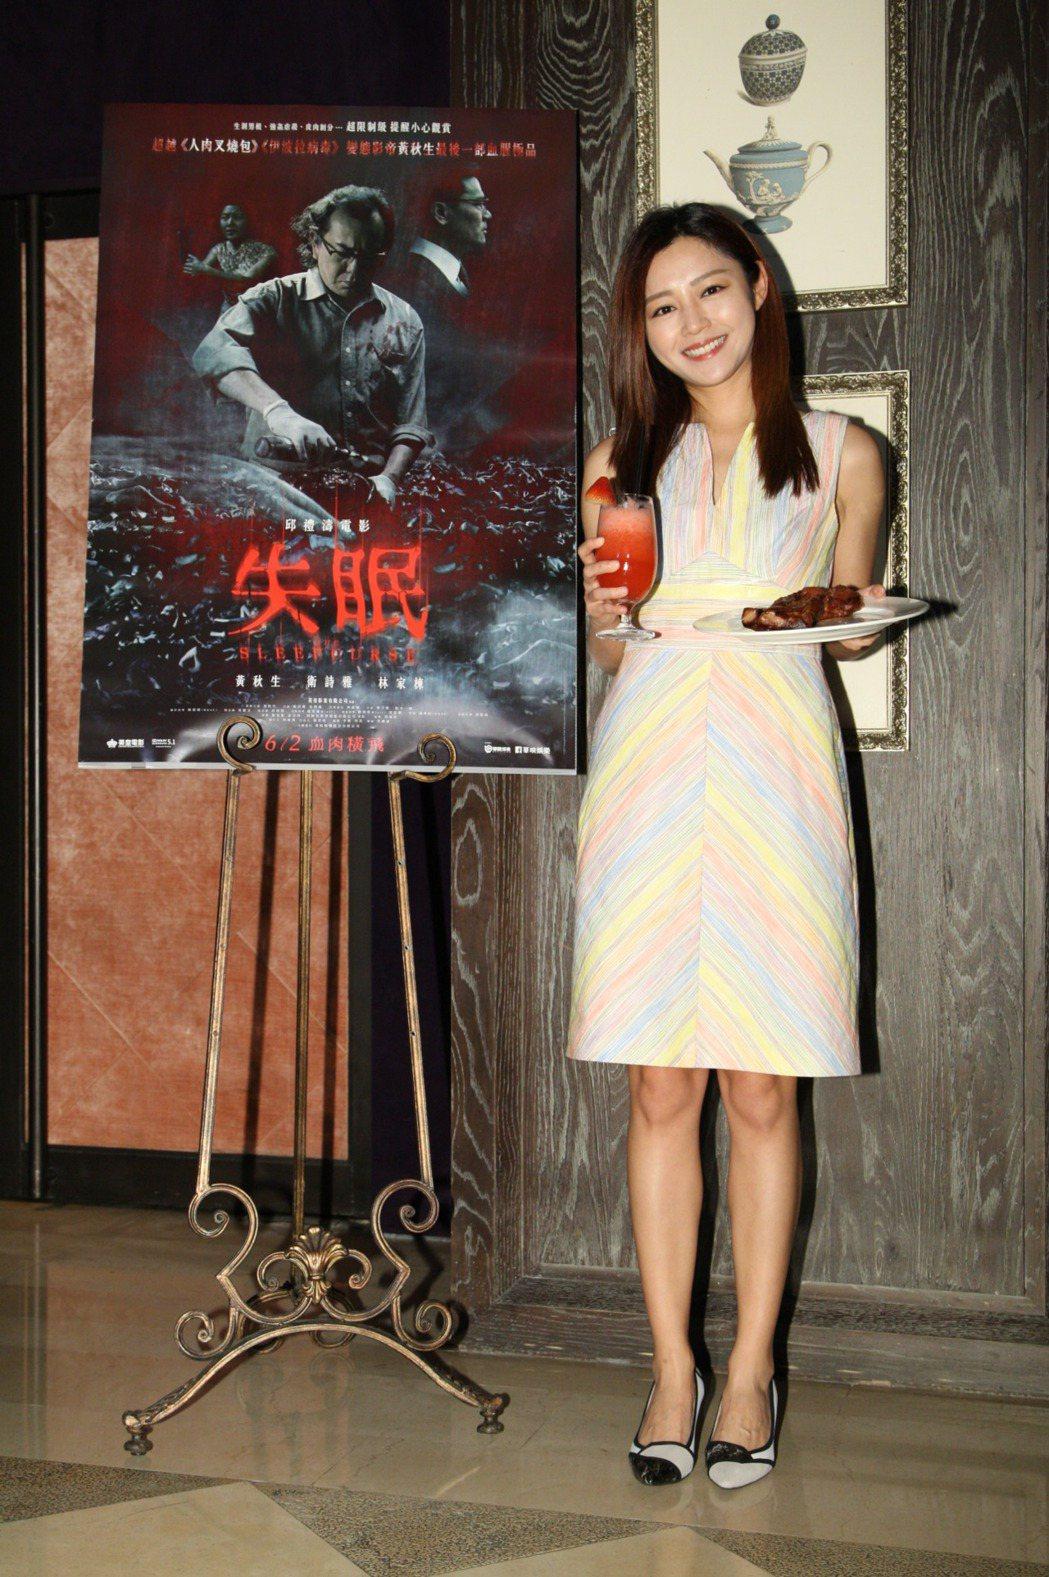 「失眠」女主角香港女星衛詩雅今天在台北與媒體見面。圖/華映提供